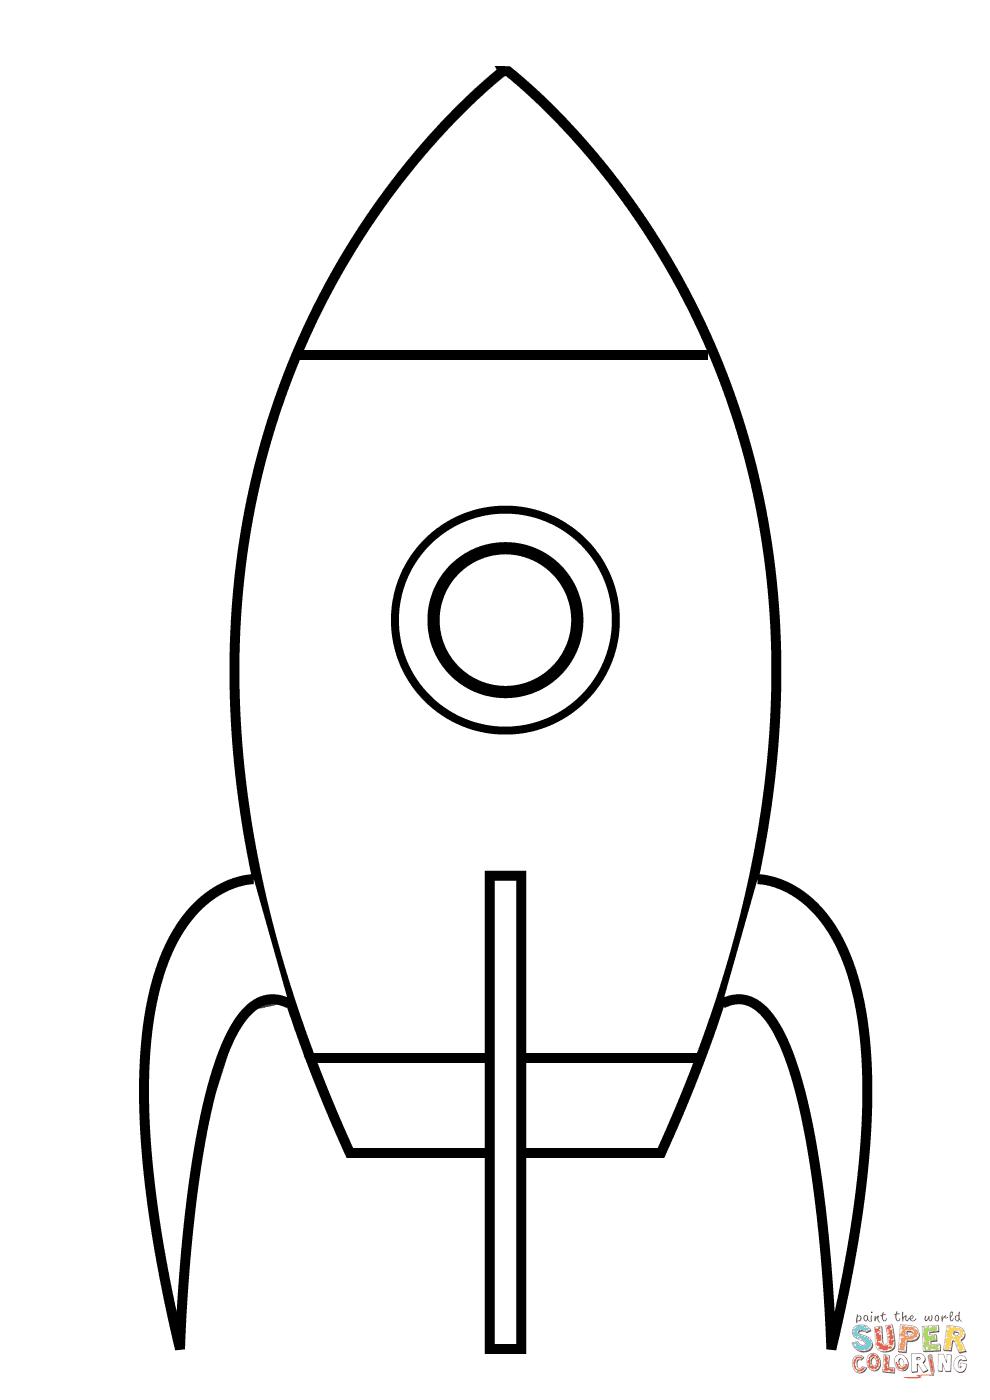 Desenhos para imprimir e colorir de foguetes s escola for Printable rocket coloring pages